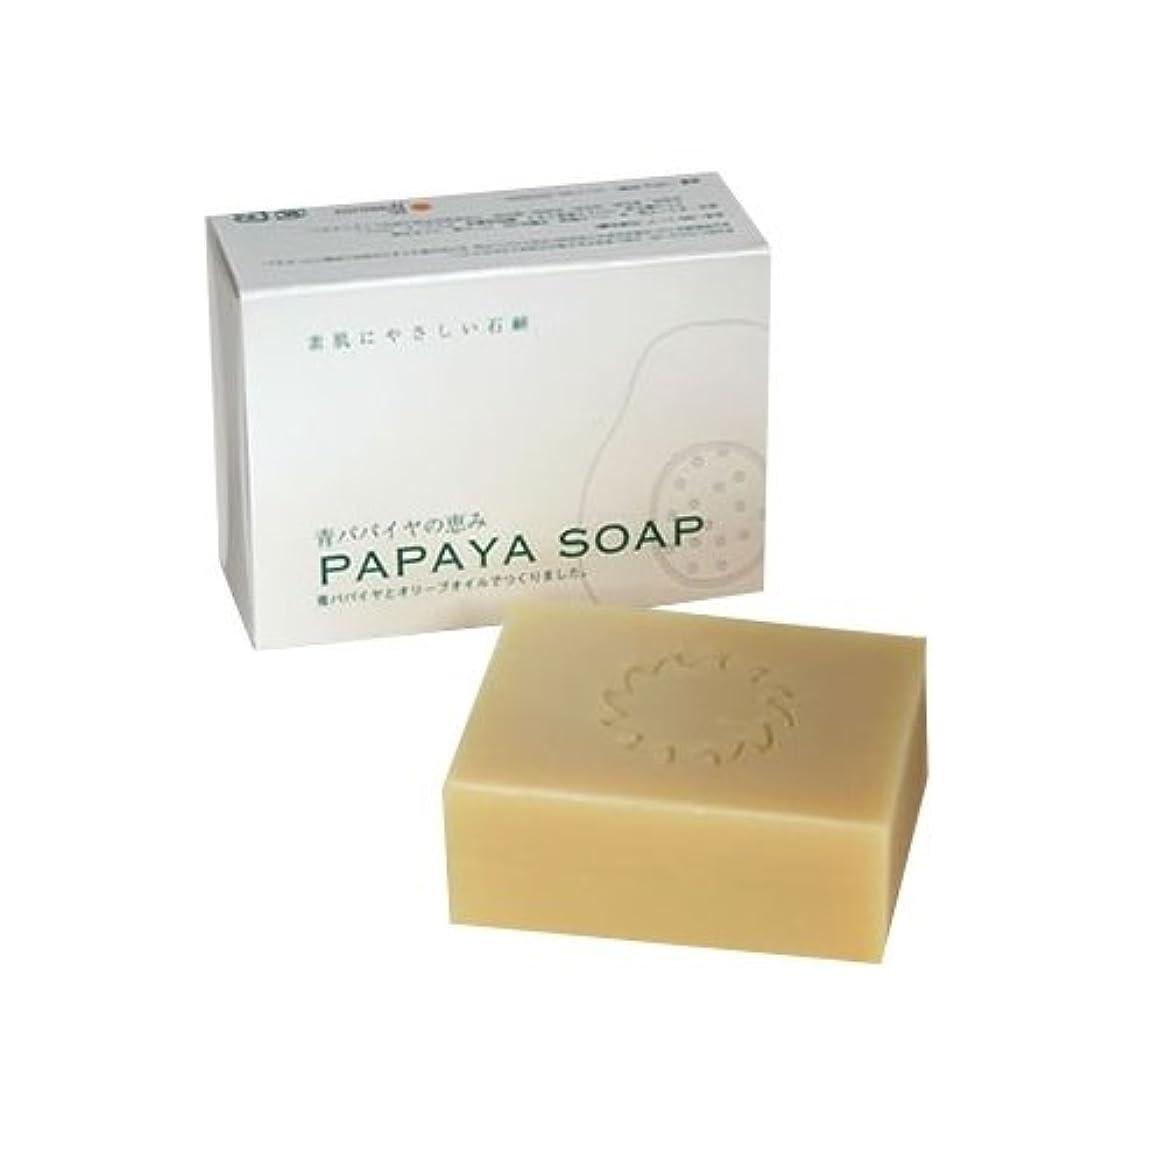 そのようなバス征服する青パパイヤの恵み PAPAYA SOAP(パパイヤソープ) 100g